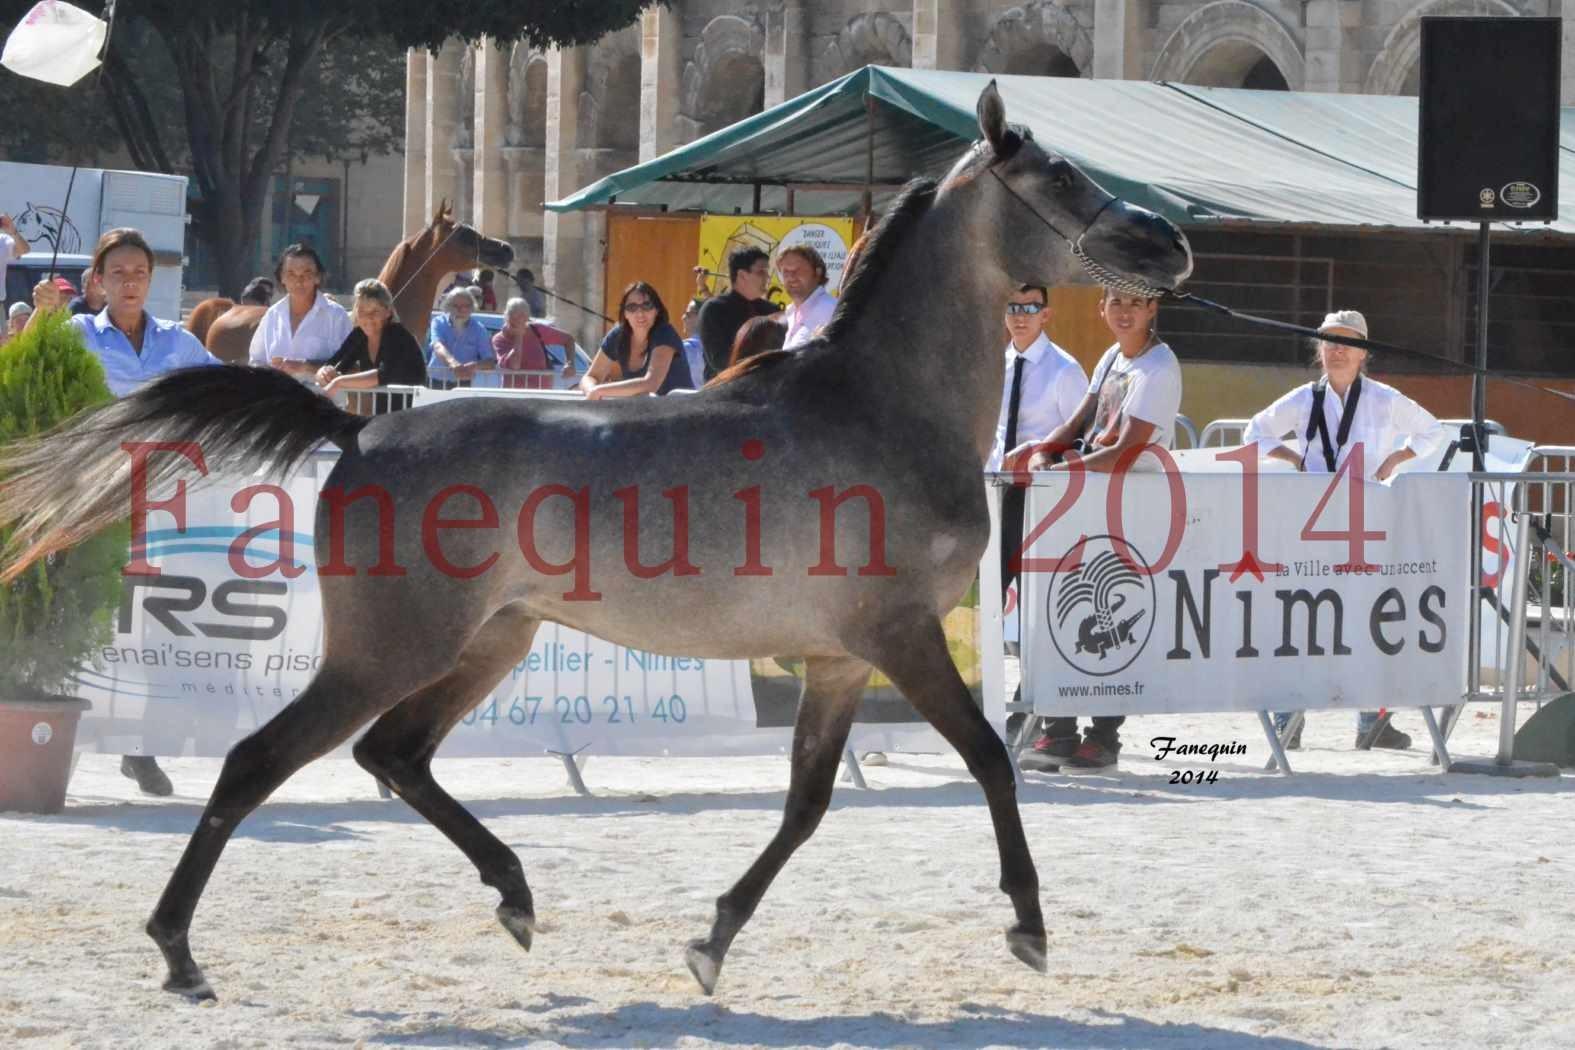 Concours National de Nîmes de chevaux ARABES 2014 - Notre Sélection - JOSEPH'S BOUZIOLS - 08